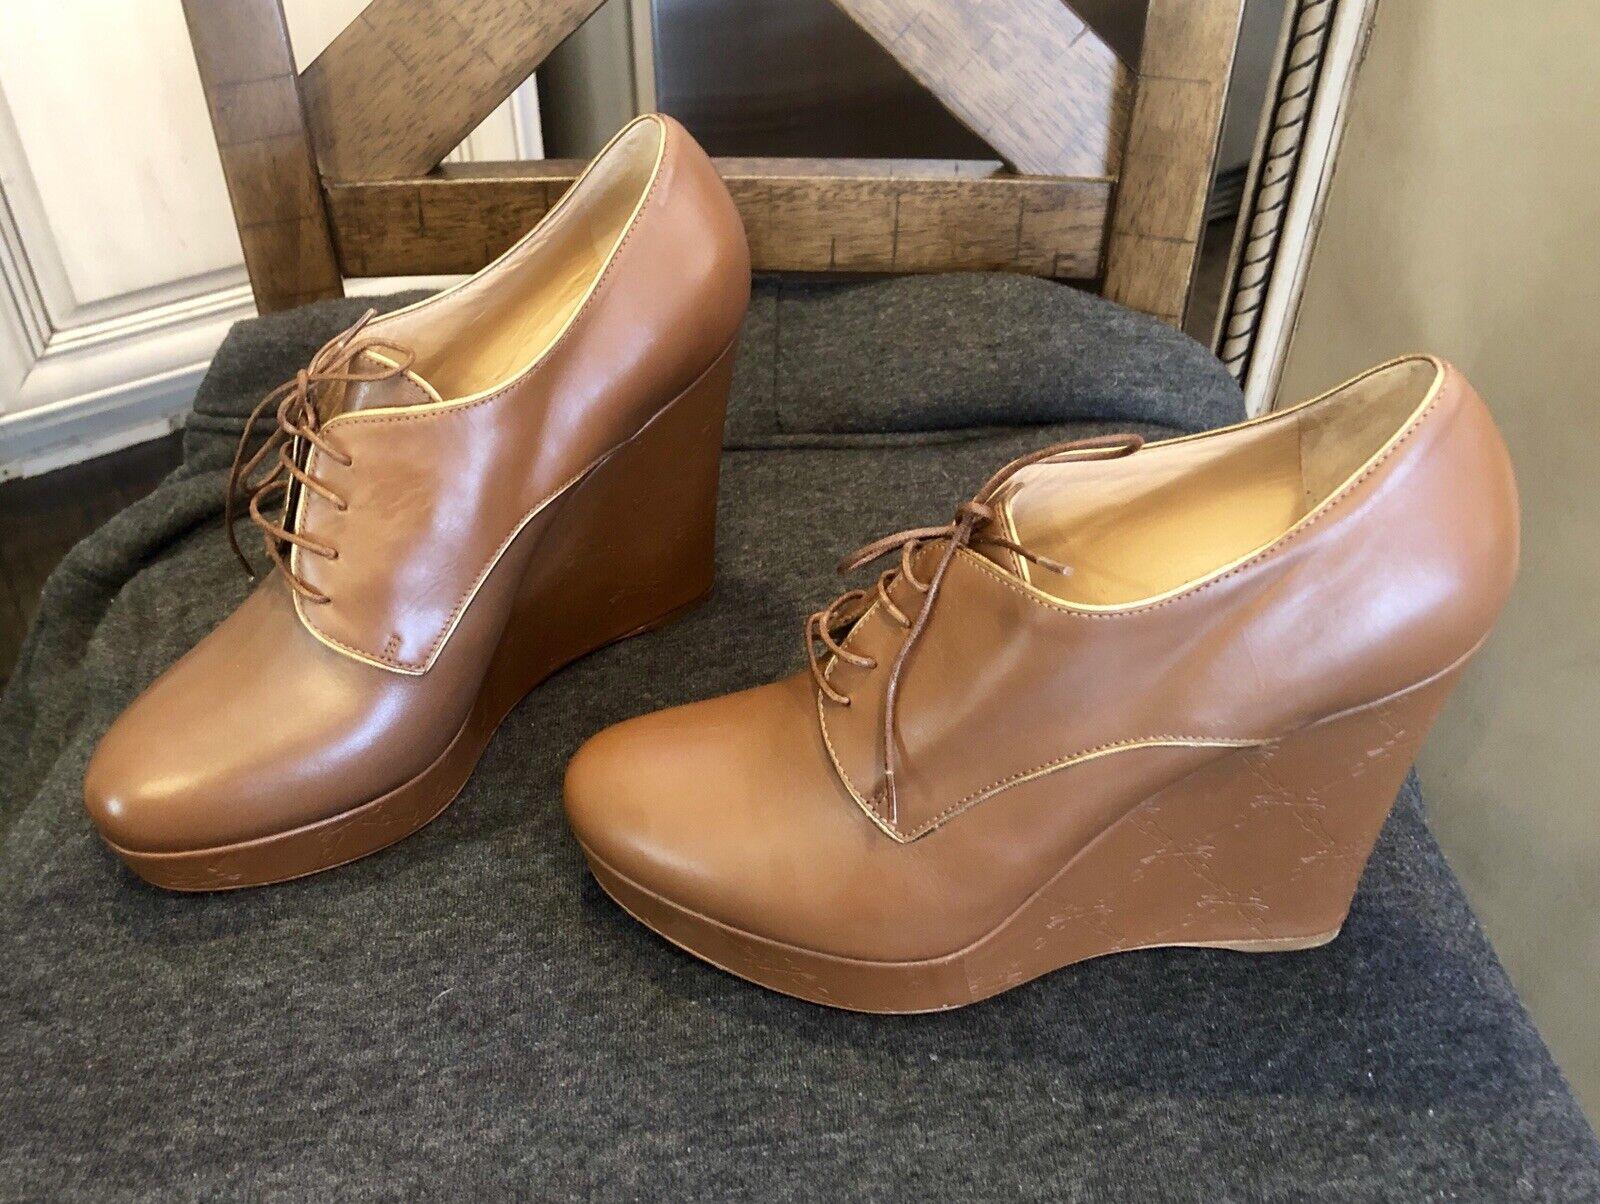 ordinare on-line Long Champ Donna  Cognac Leather Wedge Heels scarpe scarpe scarpe Dimensione 40   FLOOR MODEL  nuovi prodotti novità